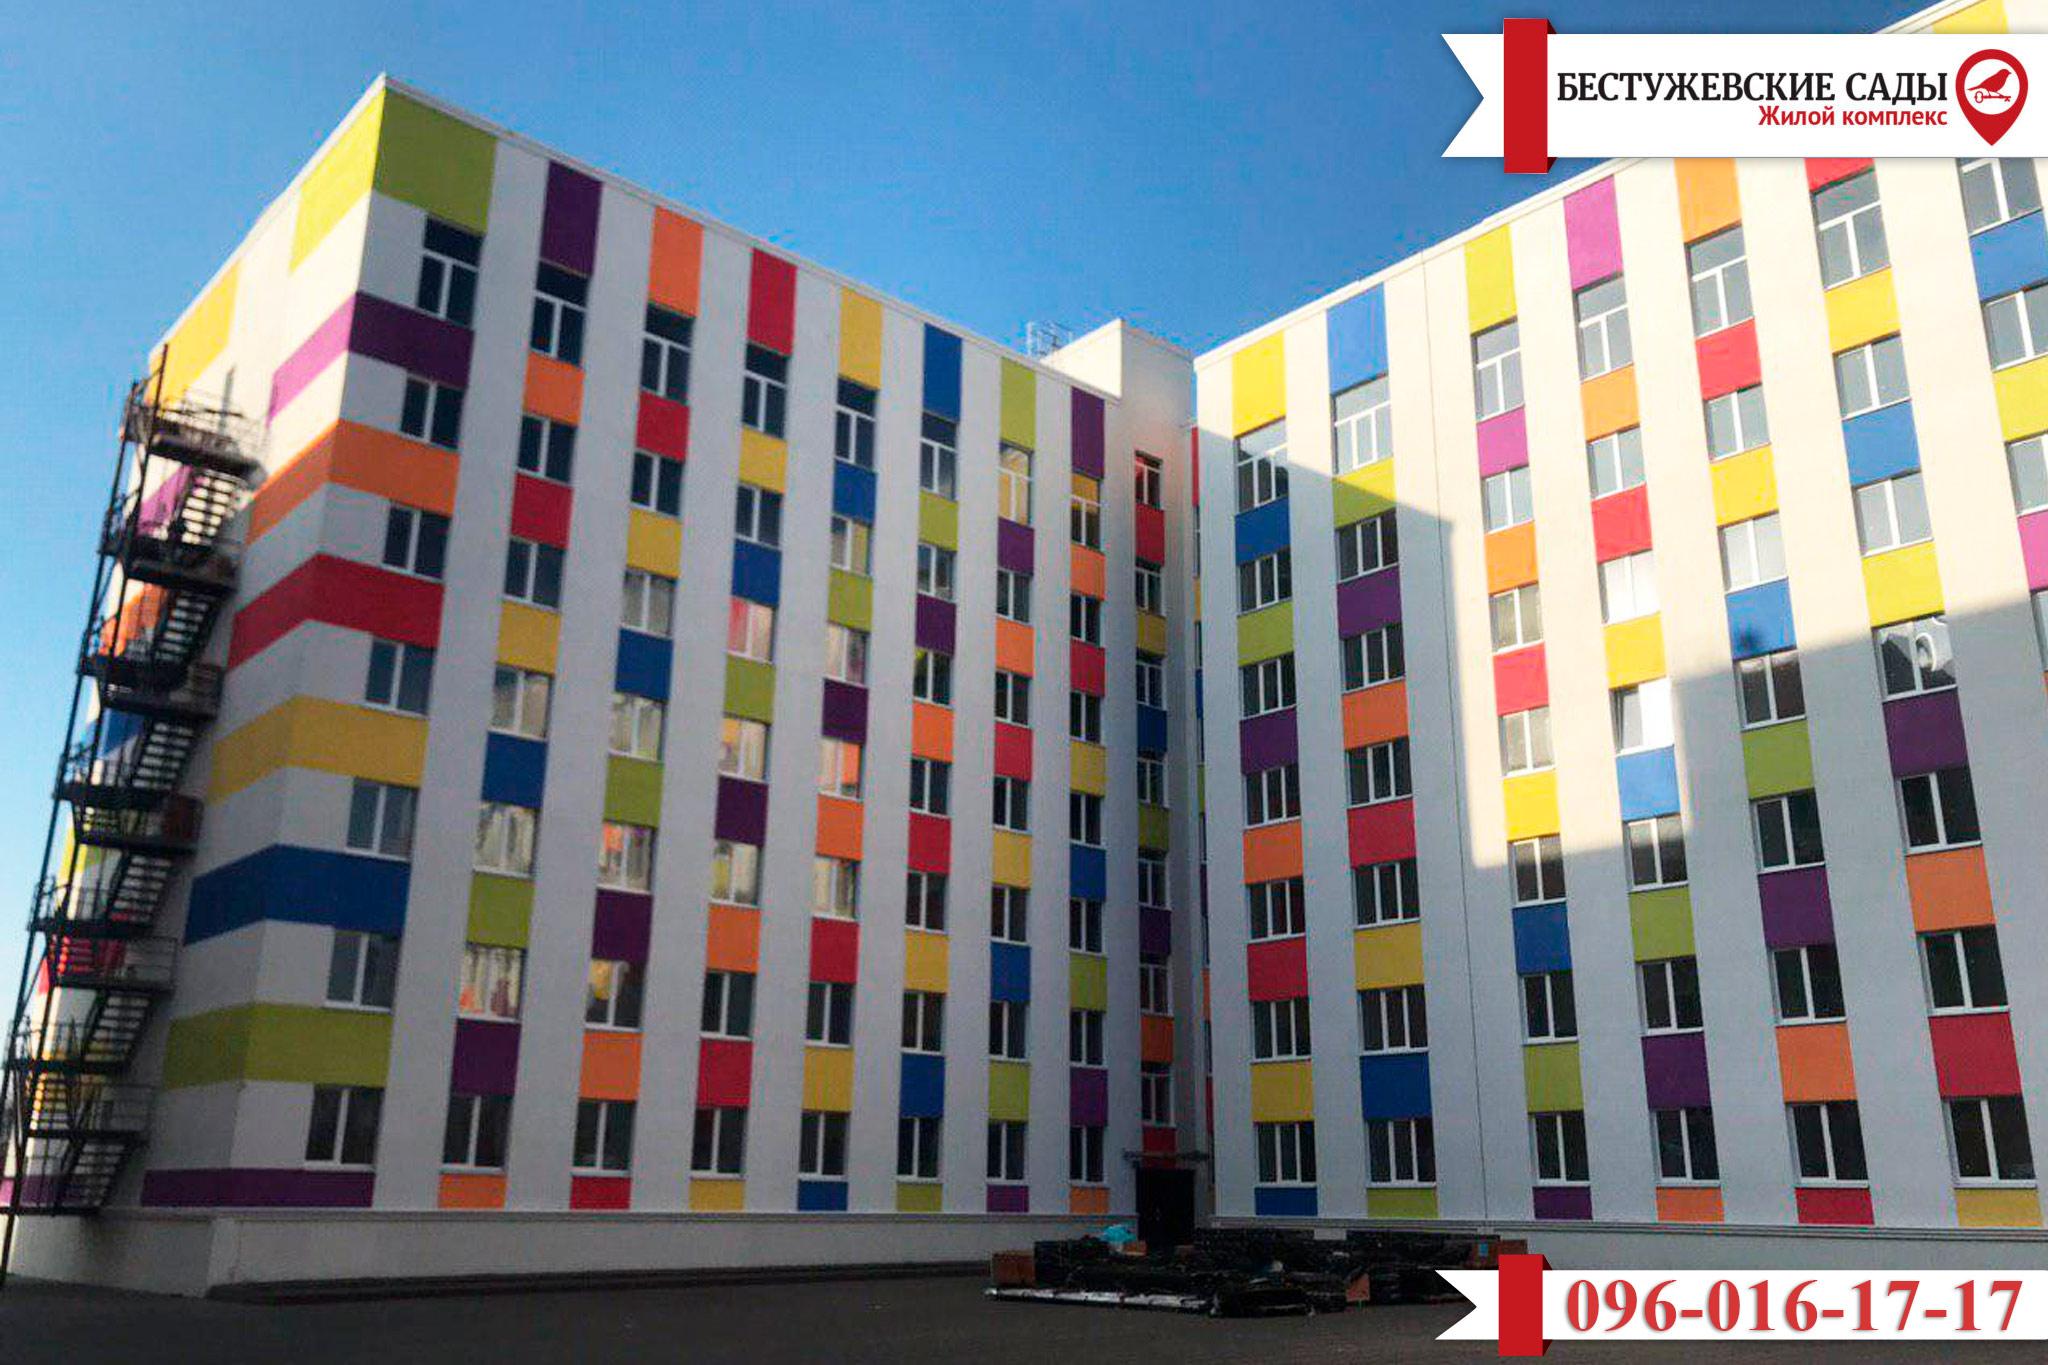 Новости со строительной площадки ЖК «Бестужевские сады»